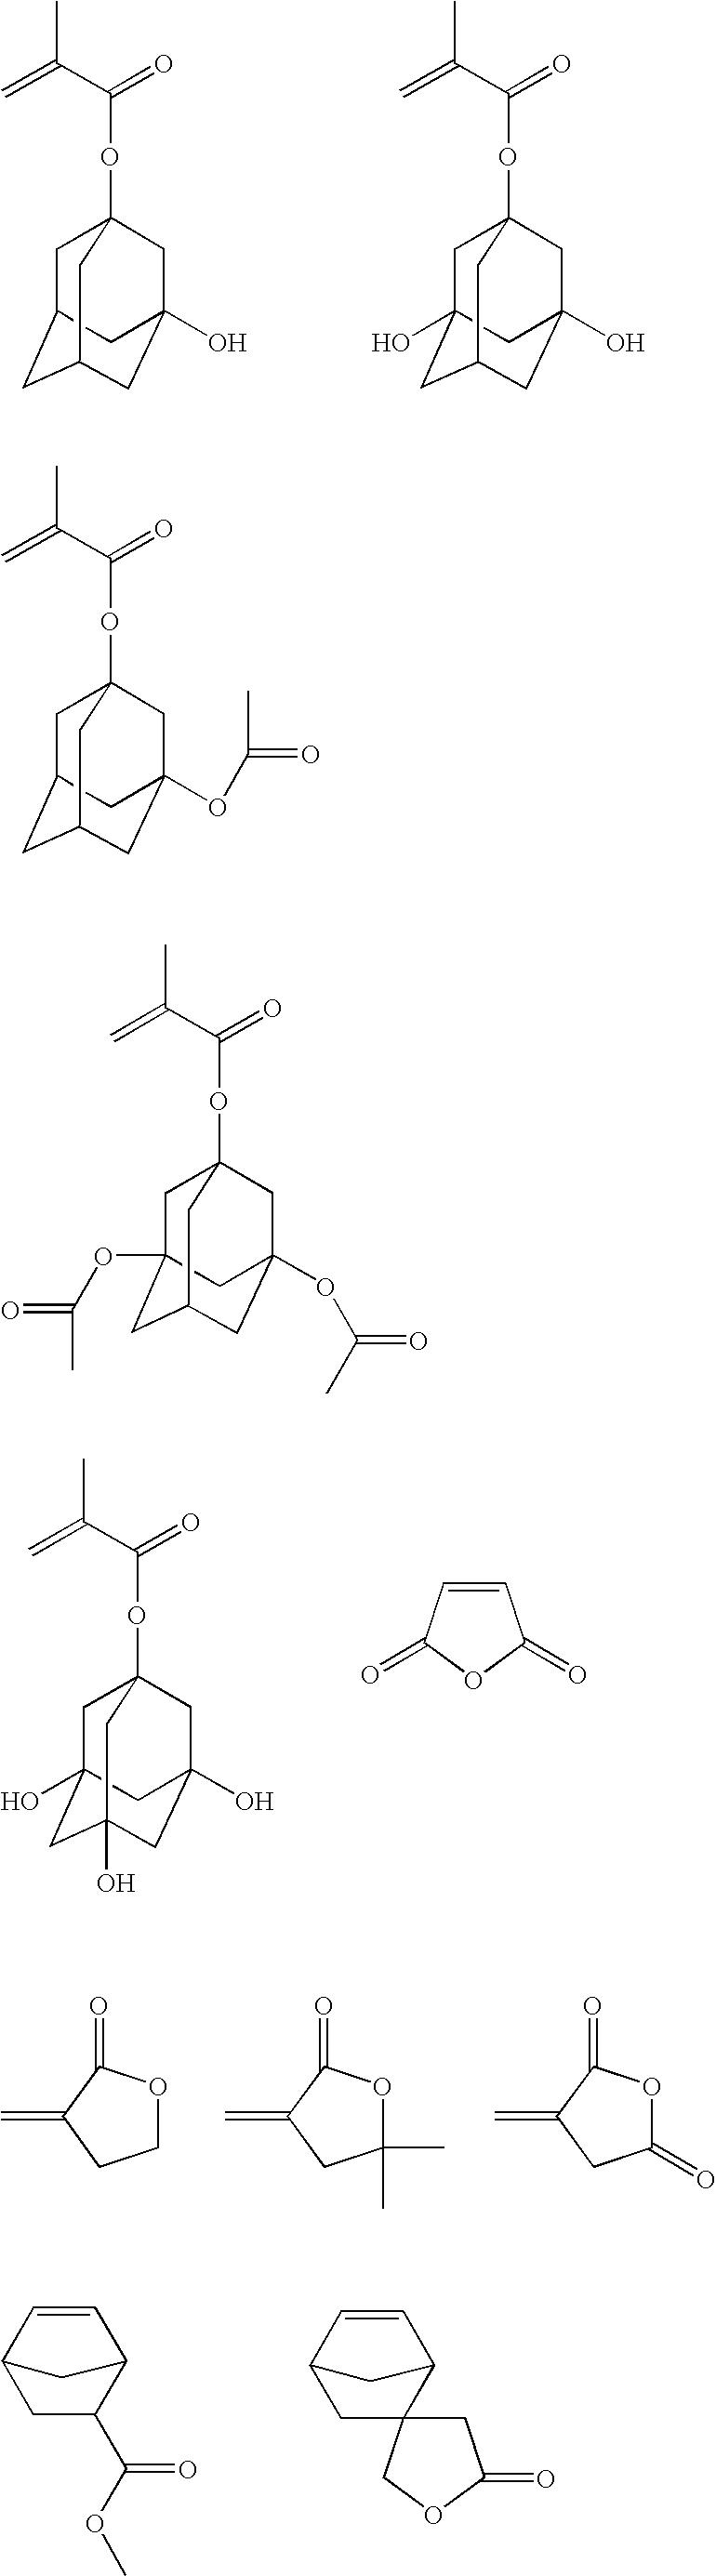 Figure US07368218-20080506-C00035